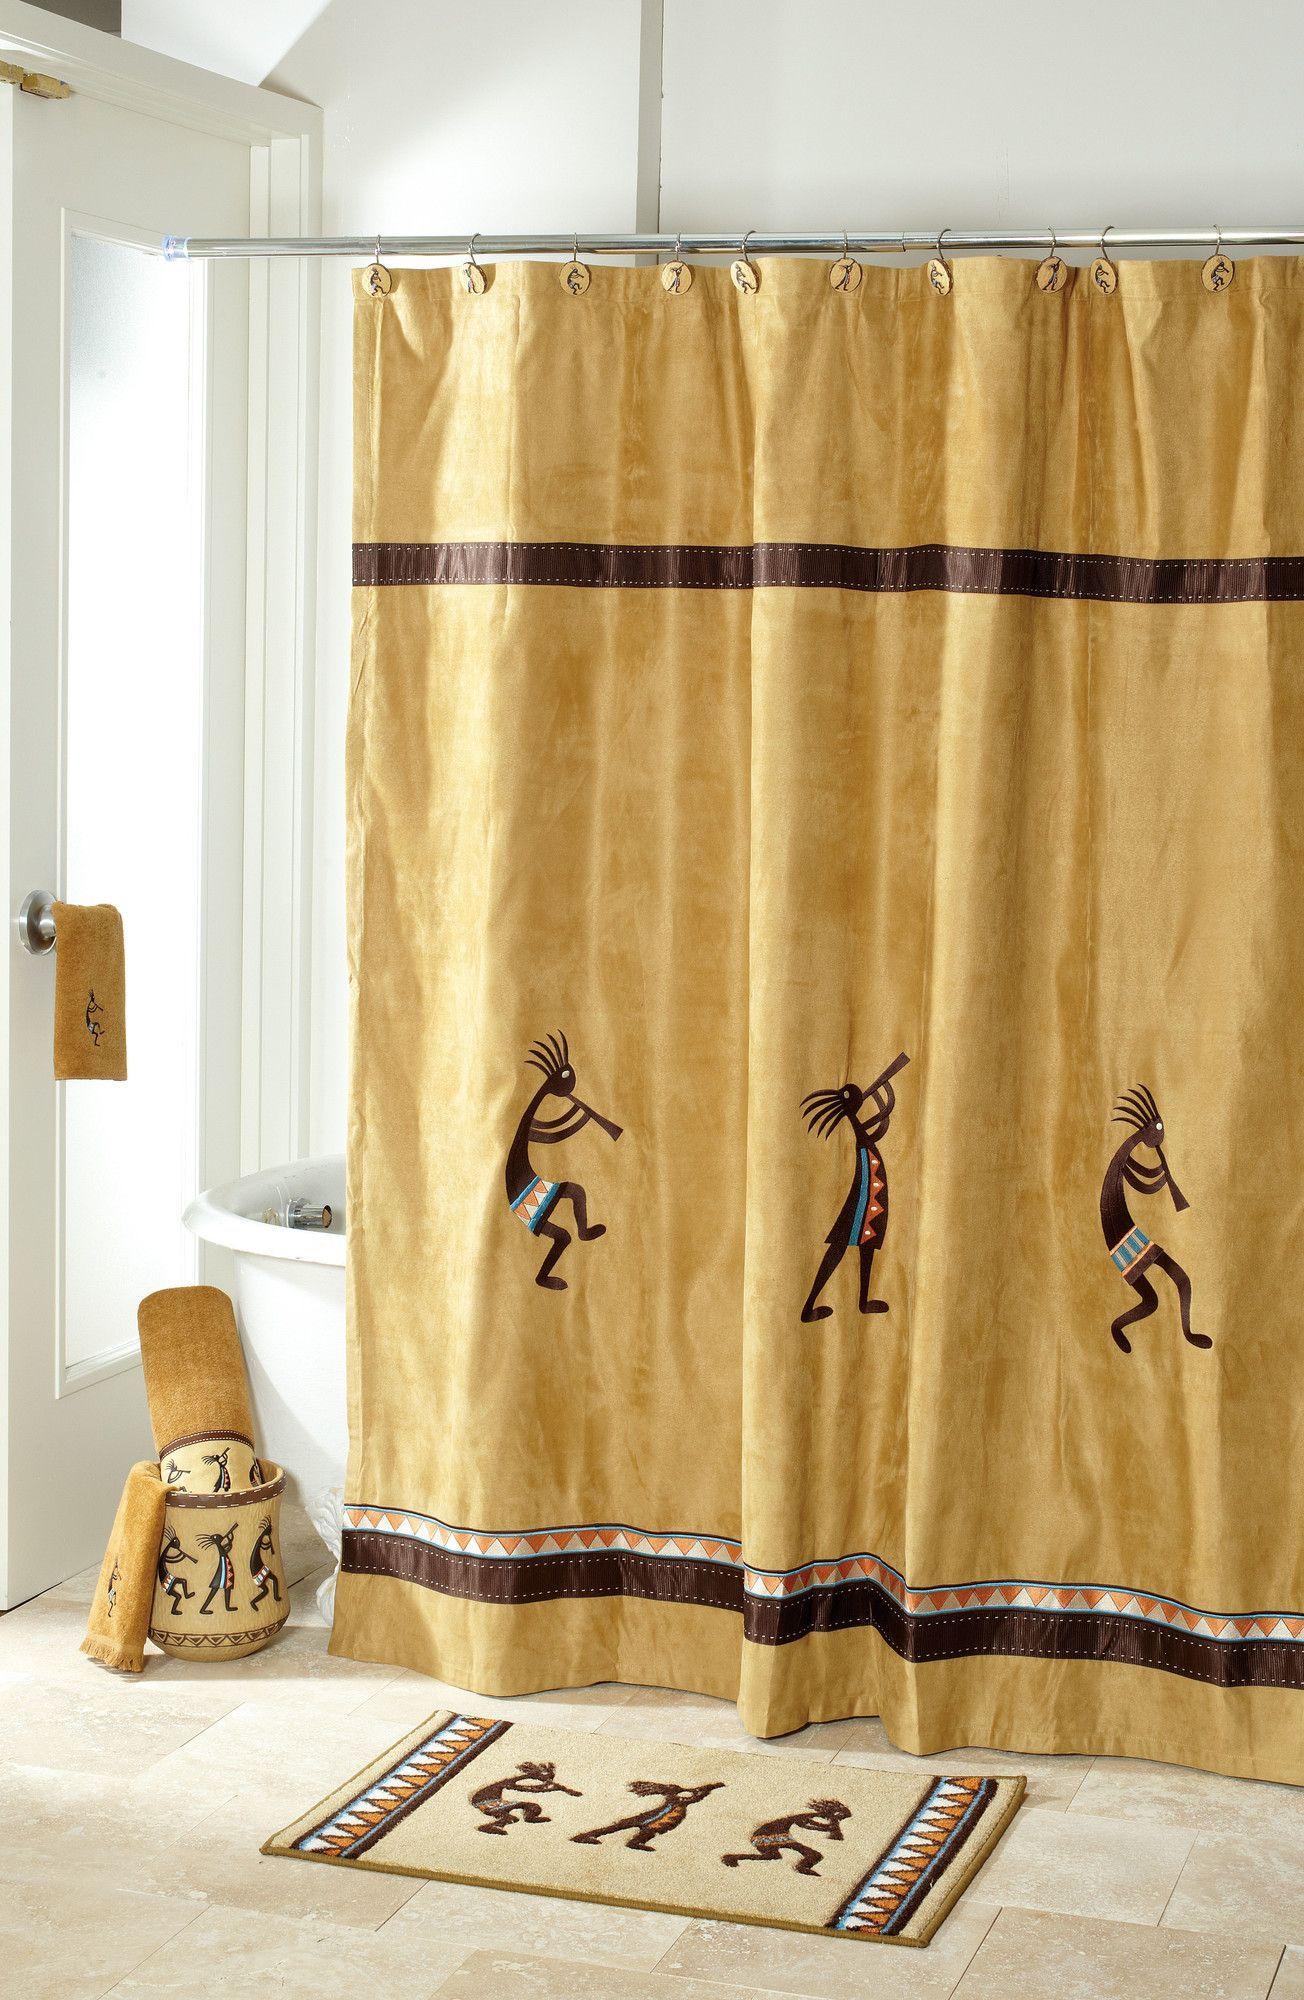 Kokopelli Single Shower Curtain Decoracion De Unas Accesorios Bano Cortinas